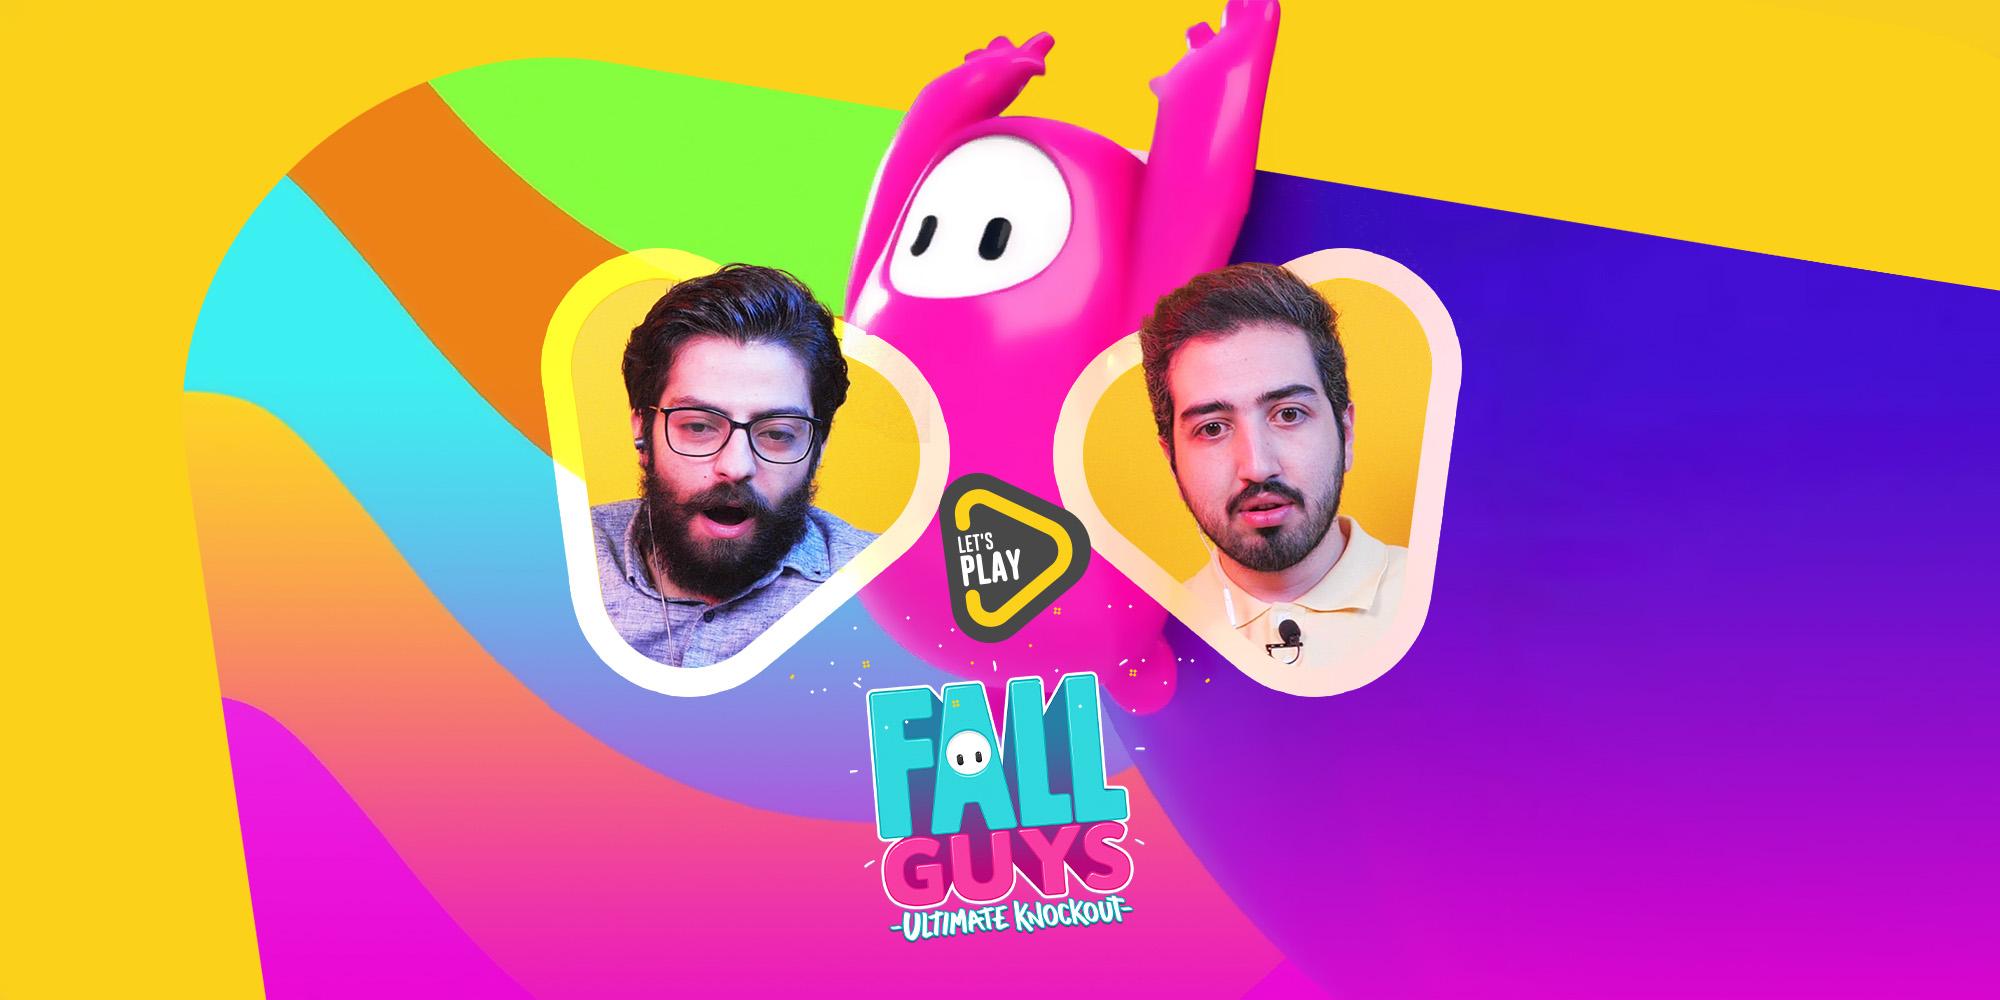 لتس پلی بازی Fall Guys